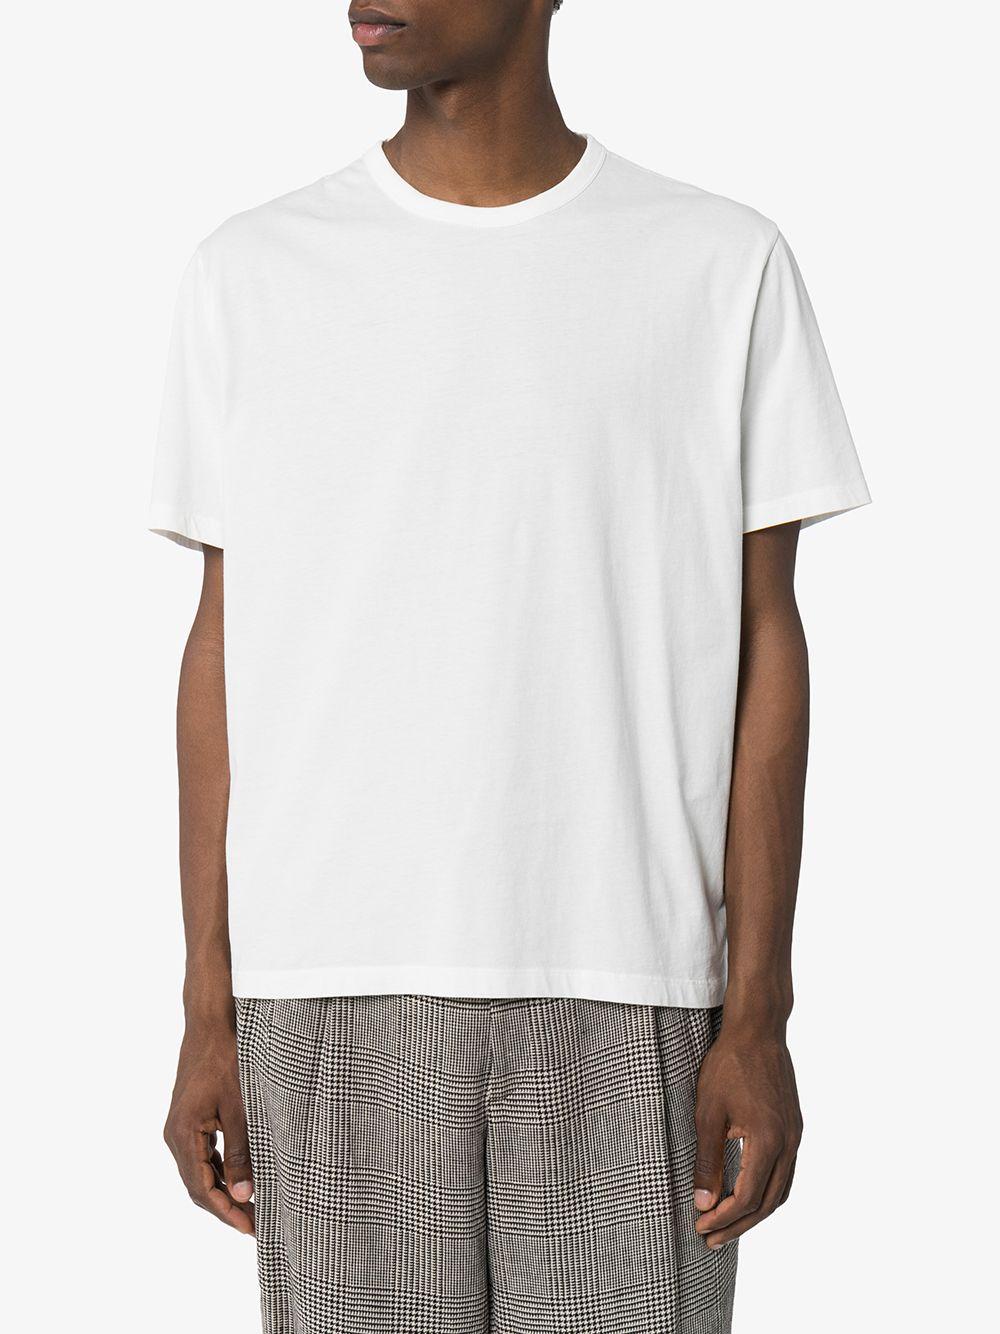 T-Shirt New Box Uomo OUR LEGACY | T-shirt | M2206NWWHITE